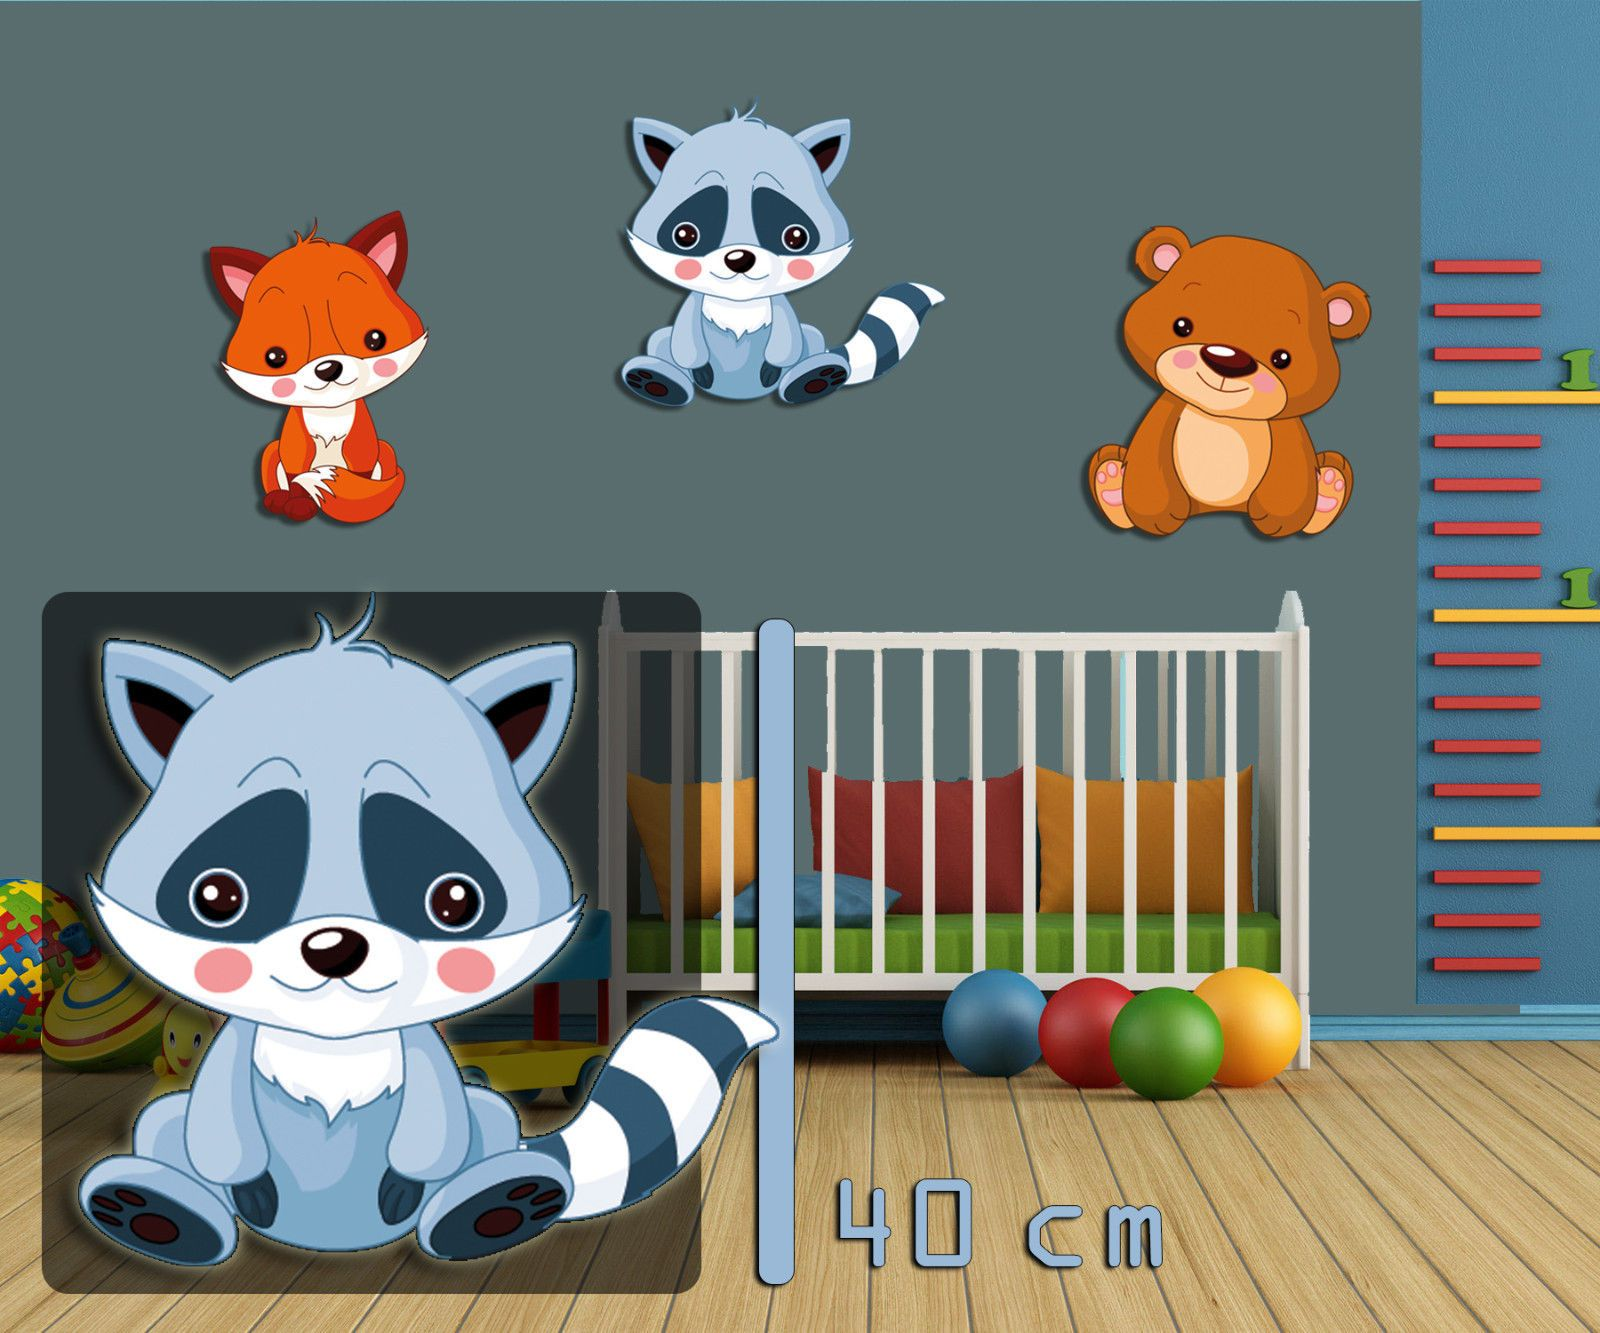 wandbild kinderzimmer waschb r 40 cm tiermotiv waldtier bild f r babyzimmer ebay homedecor. Black Bedroom Furniture Sets. Home Design Ideas